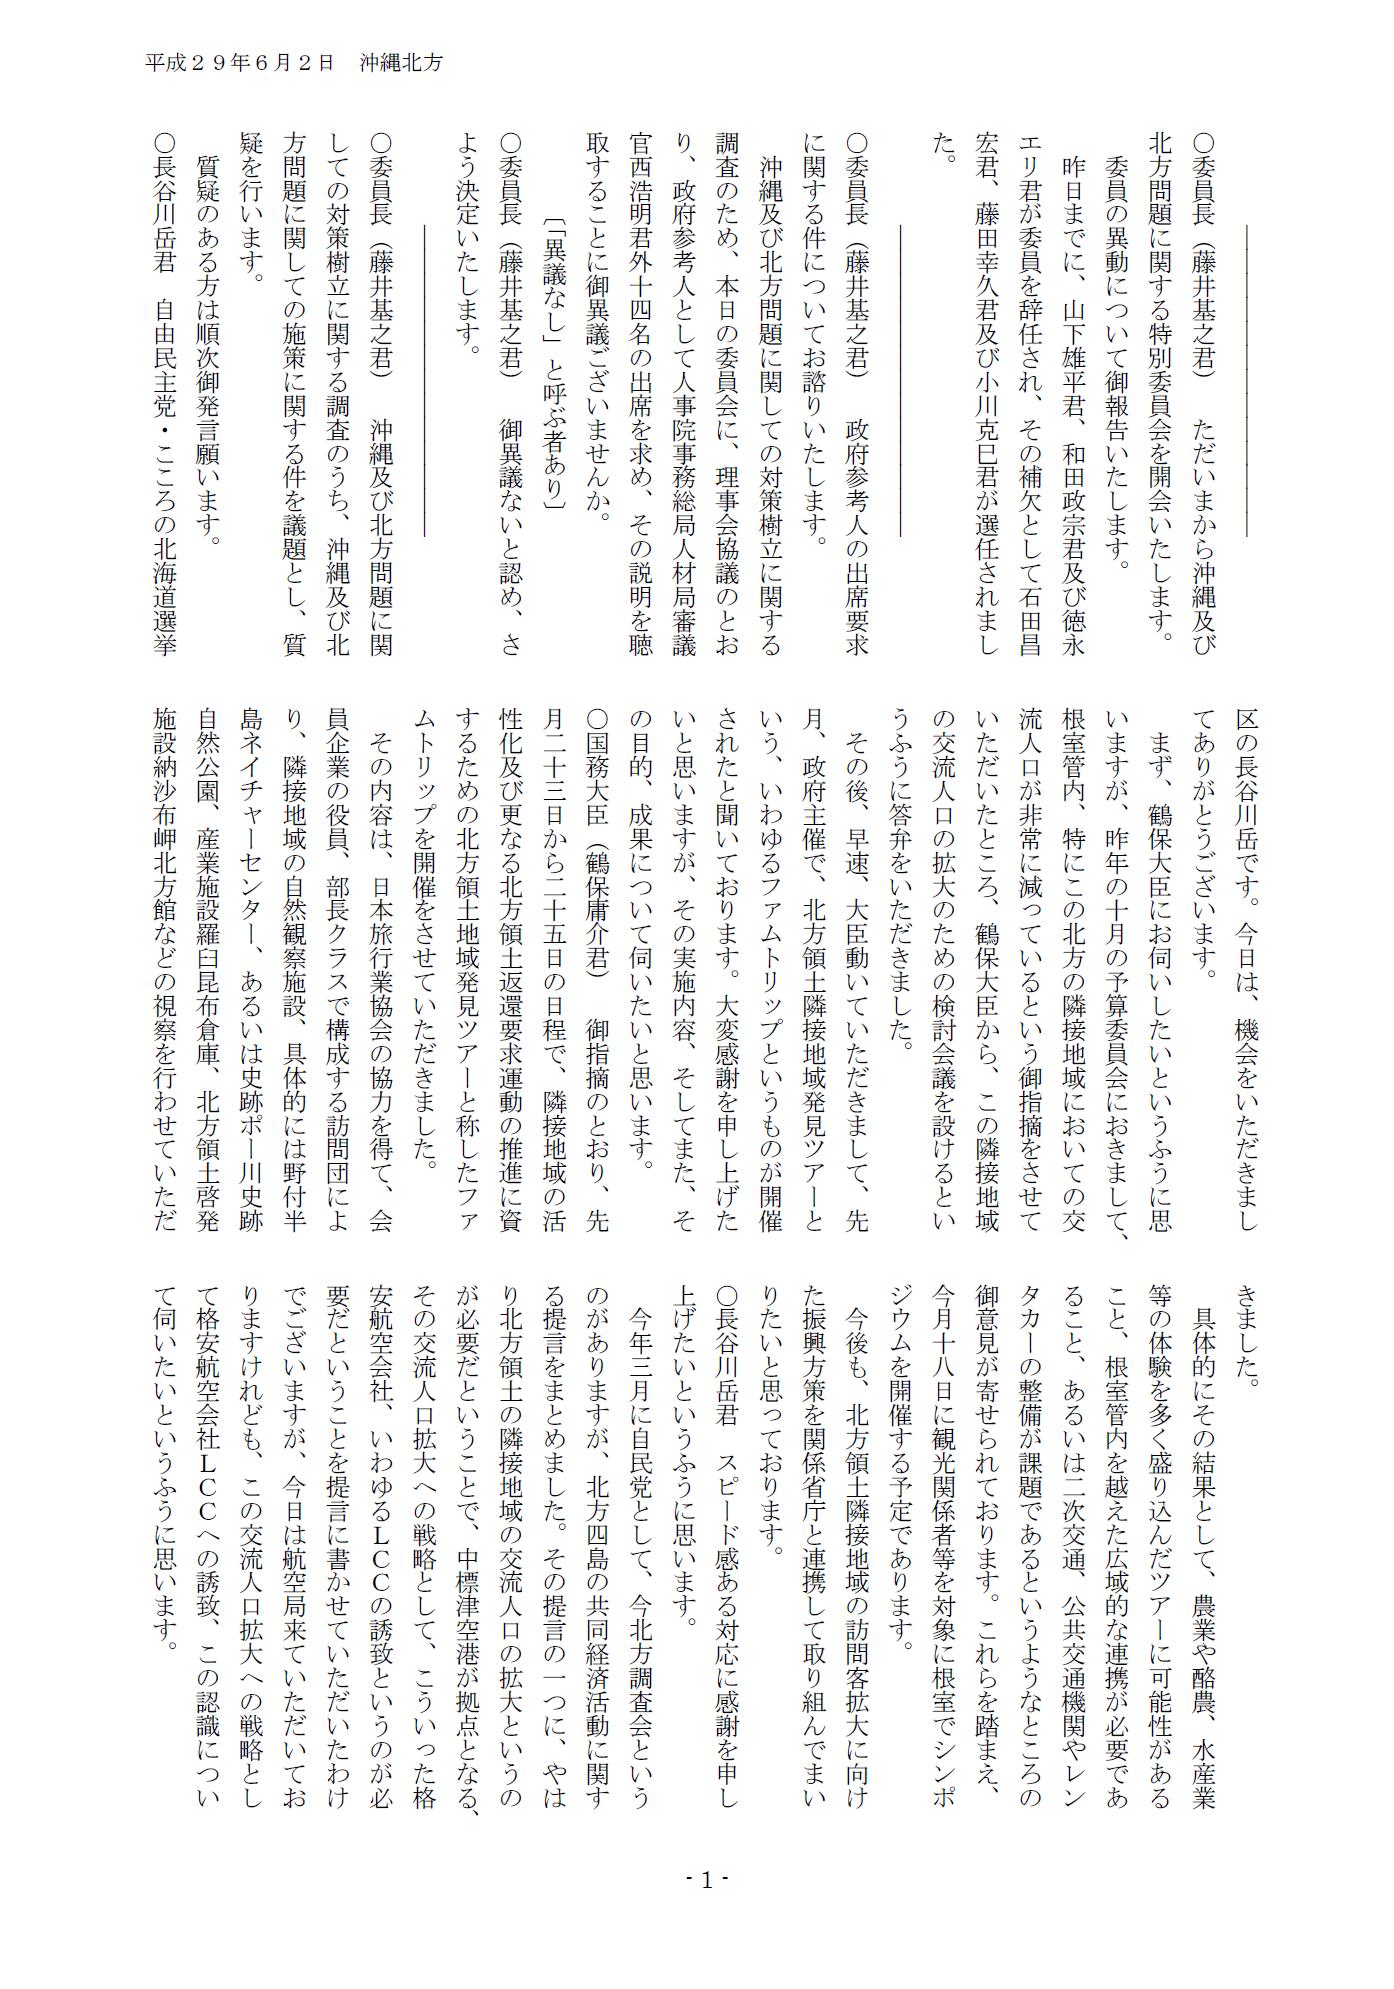 法案解説シリーズ(20)-港湾法-